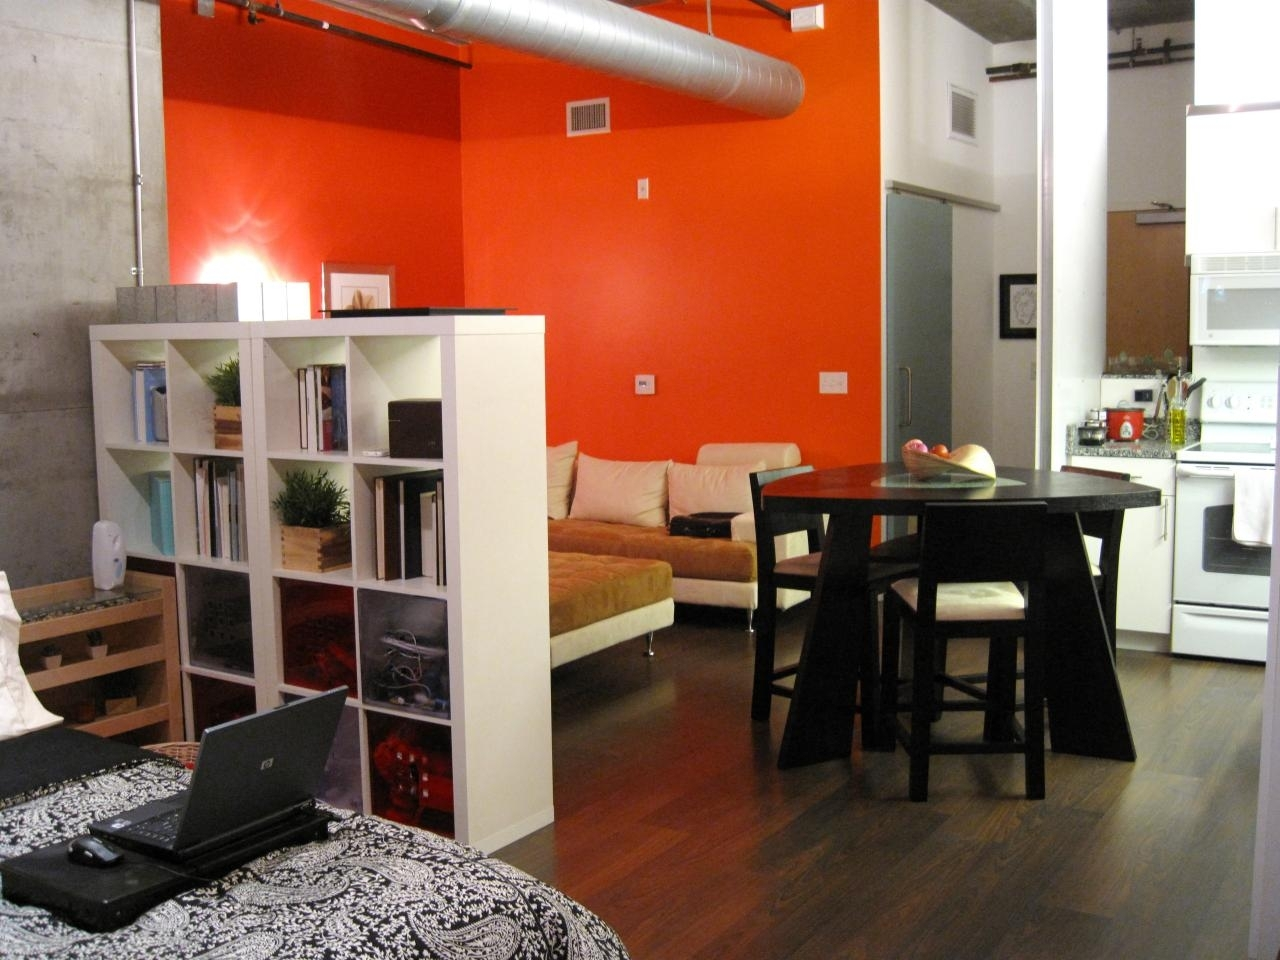 12 design ideas for your studio apartment | hgtv's decorating